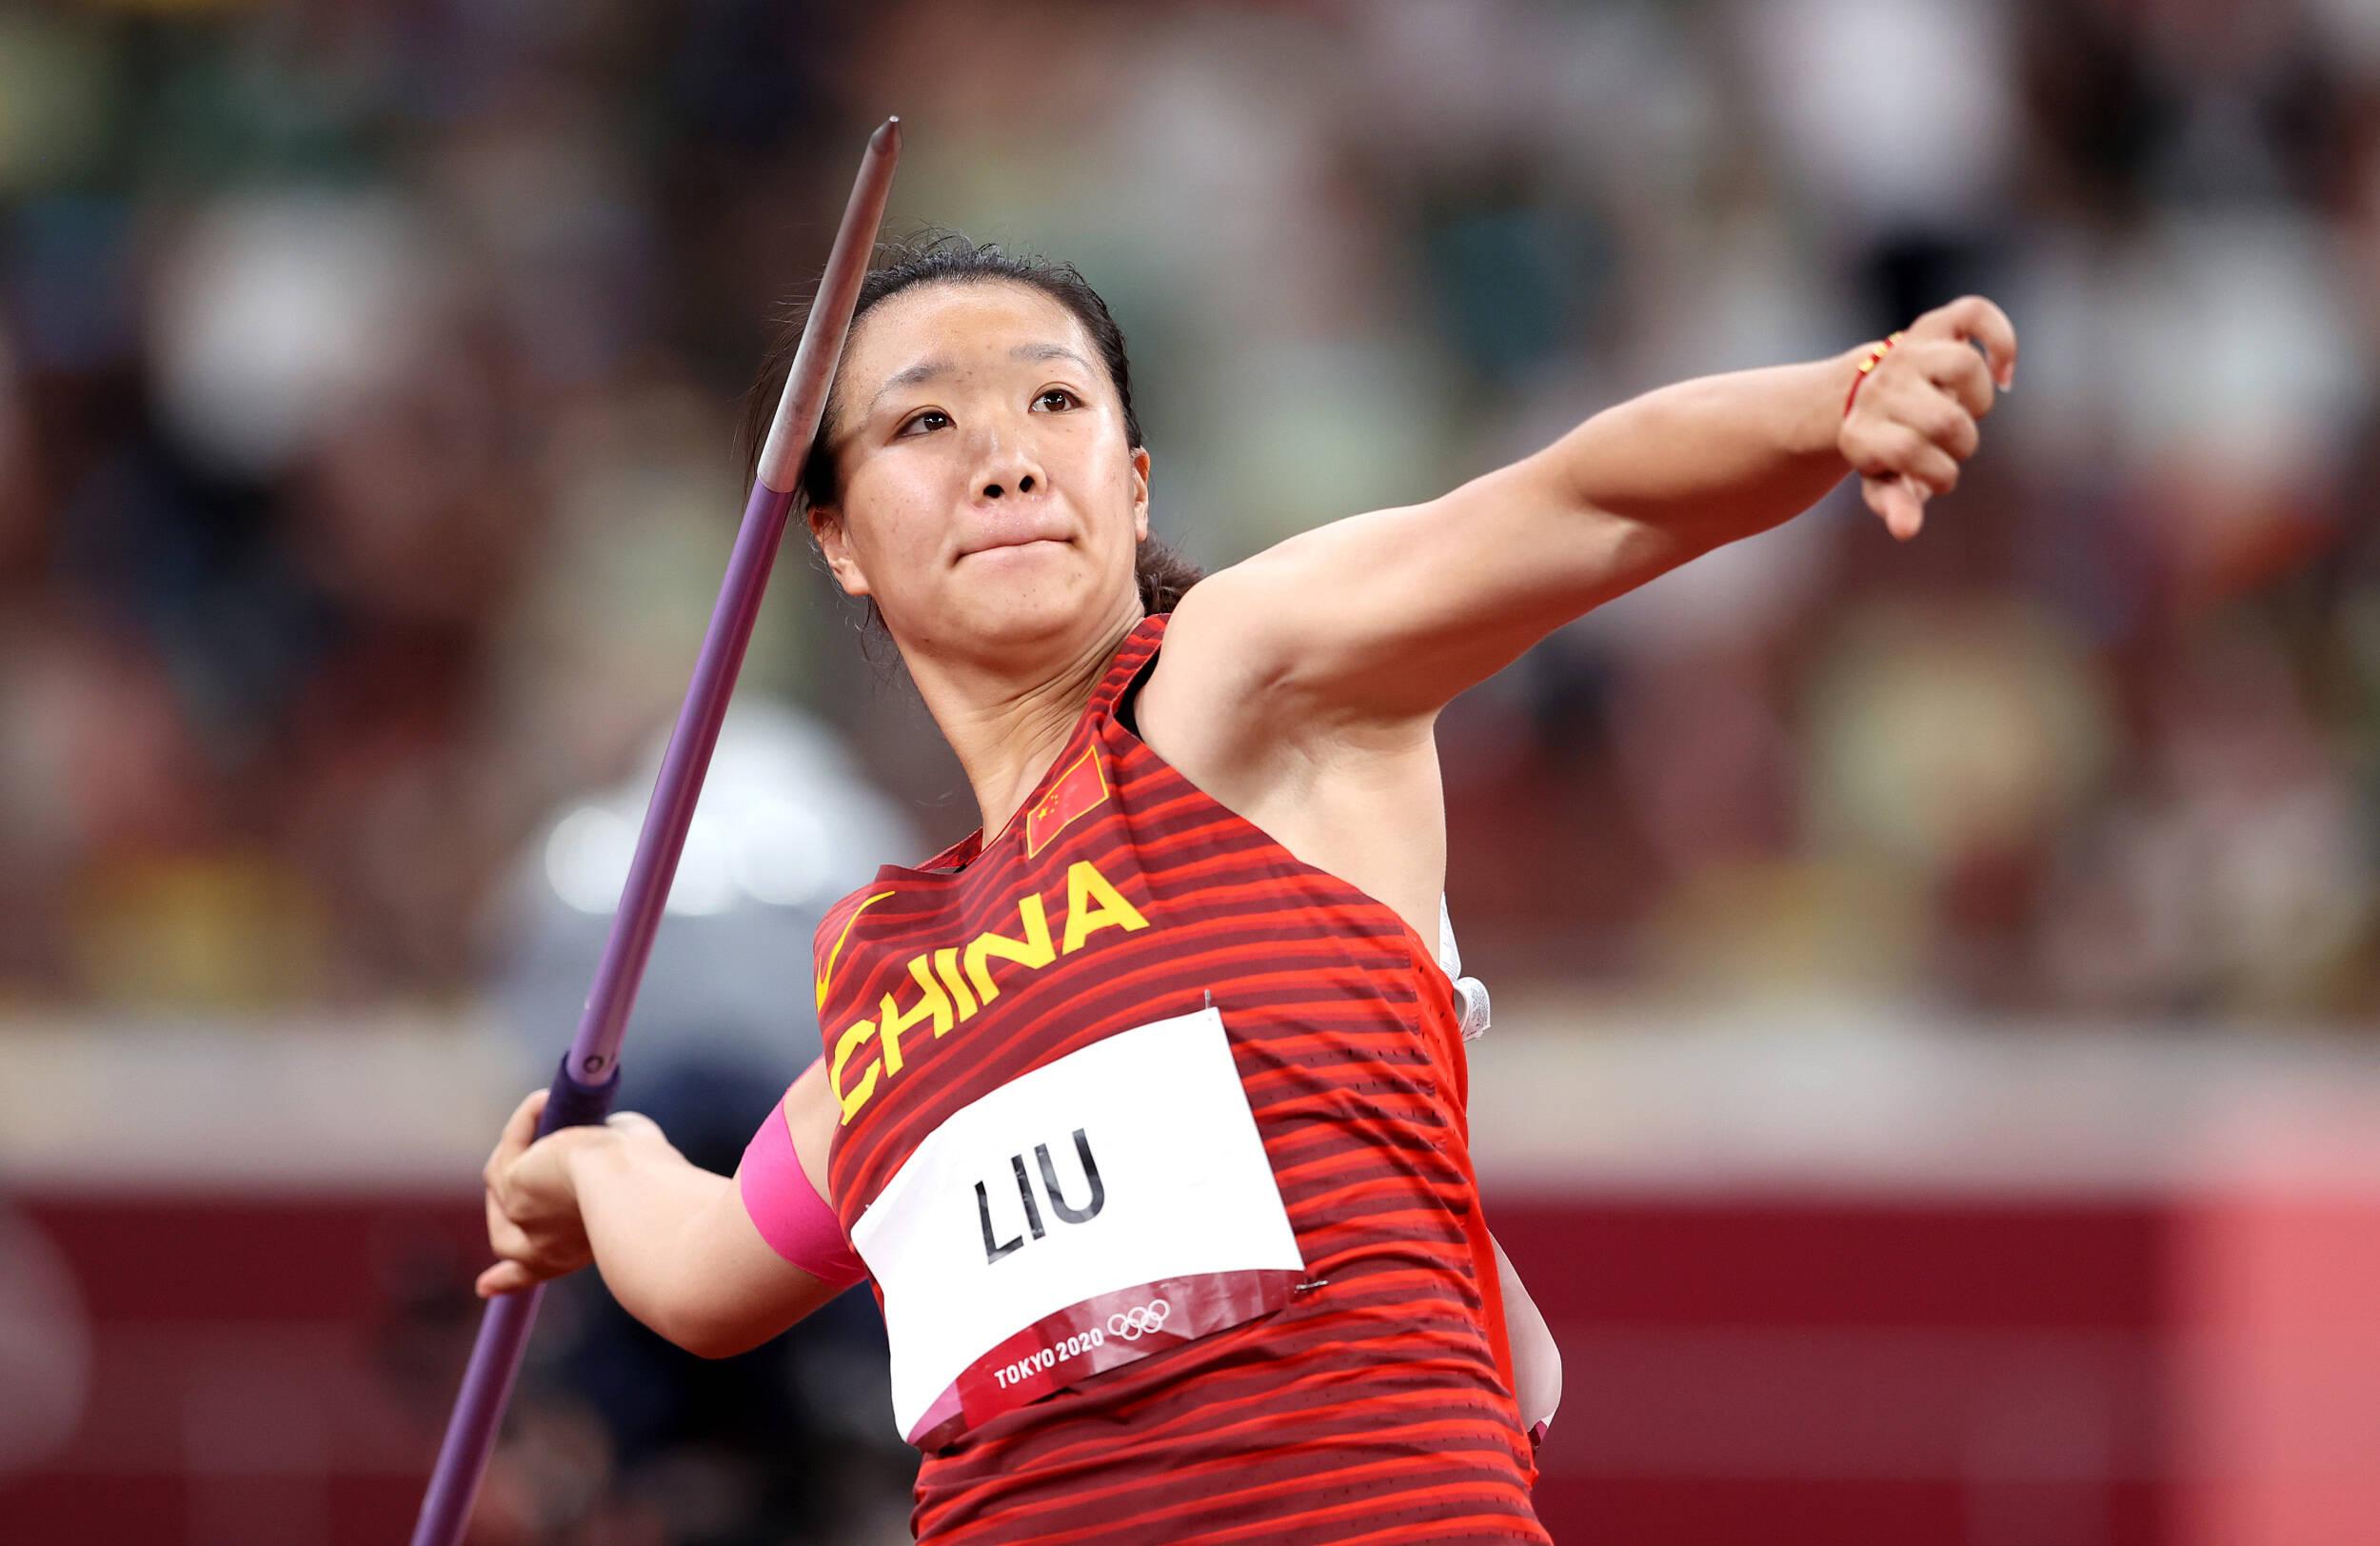 《奥运冠军·荣耀》丨奥运标枪冠军刘诗颖:天赋是靠努力积攒起来